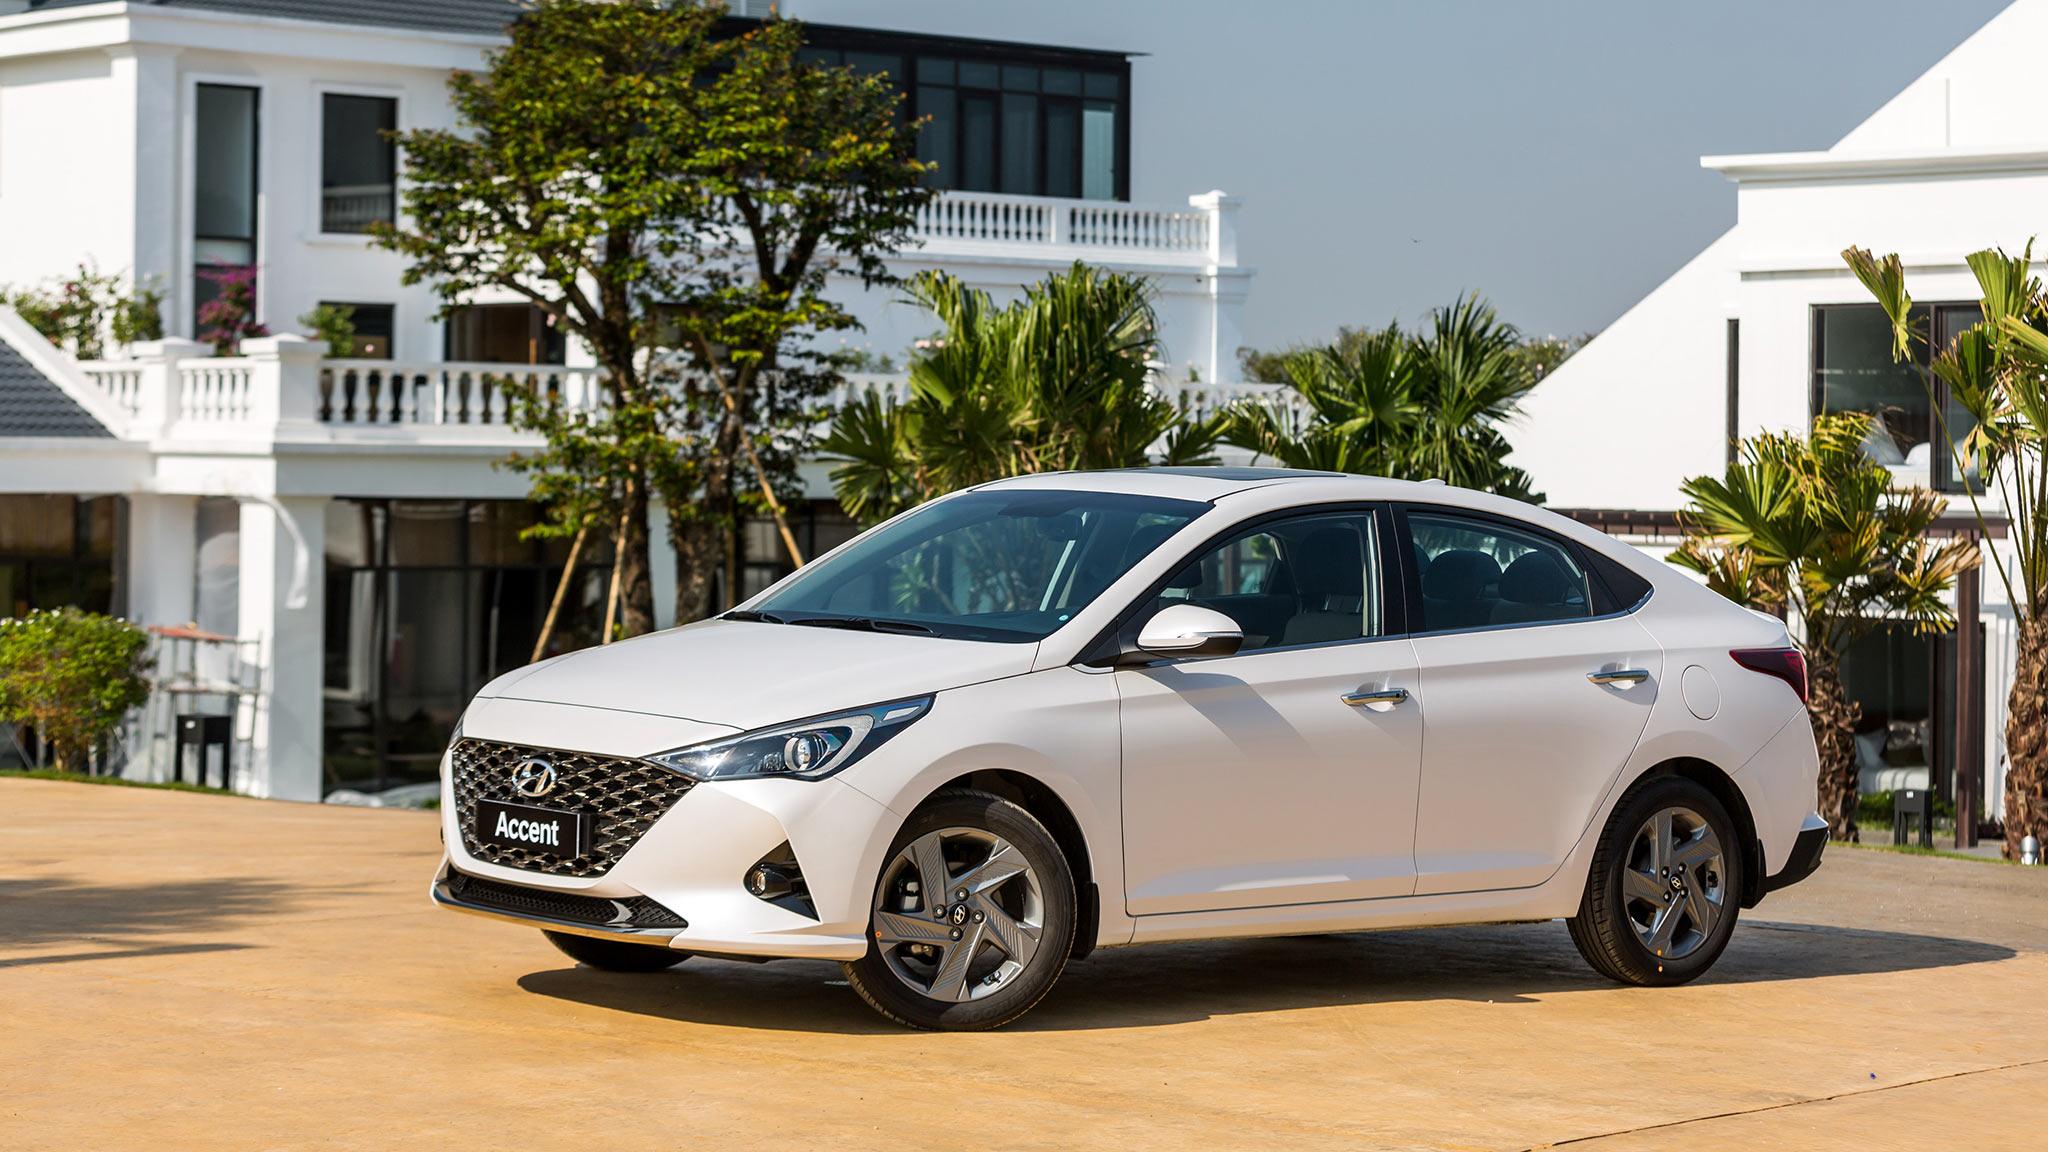 Chi tiết giá lăn bánh các phiên bản Hyundai Accent 2021 tại Việt Nam